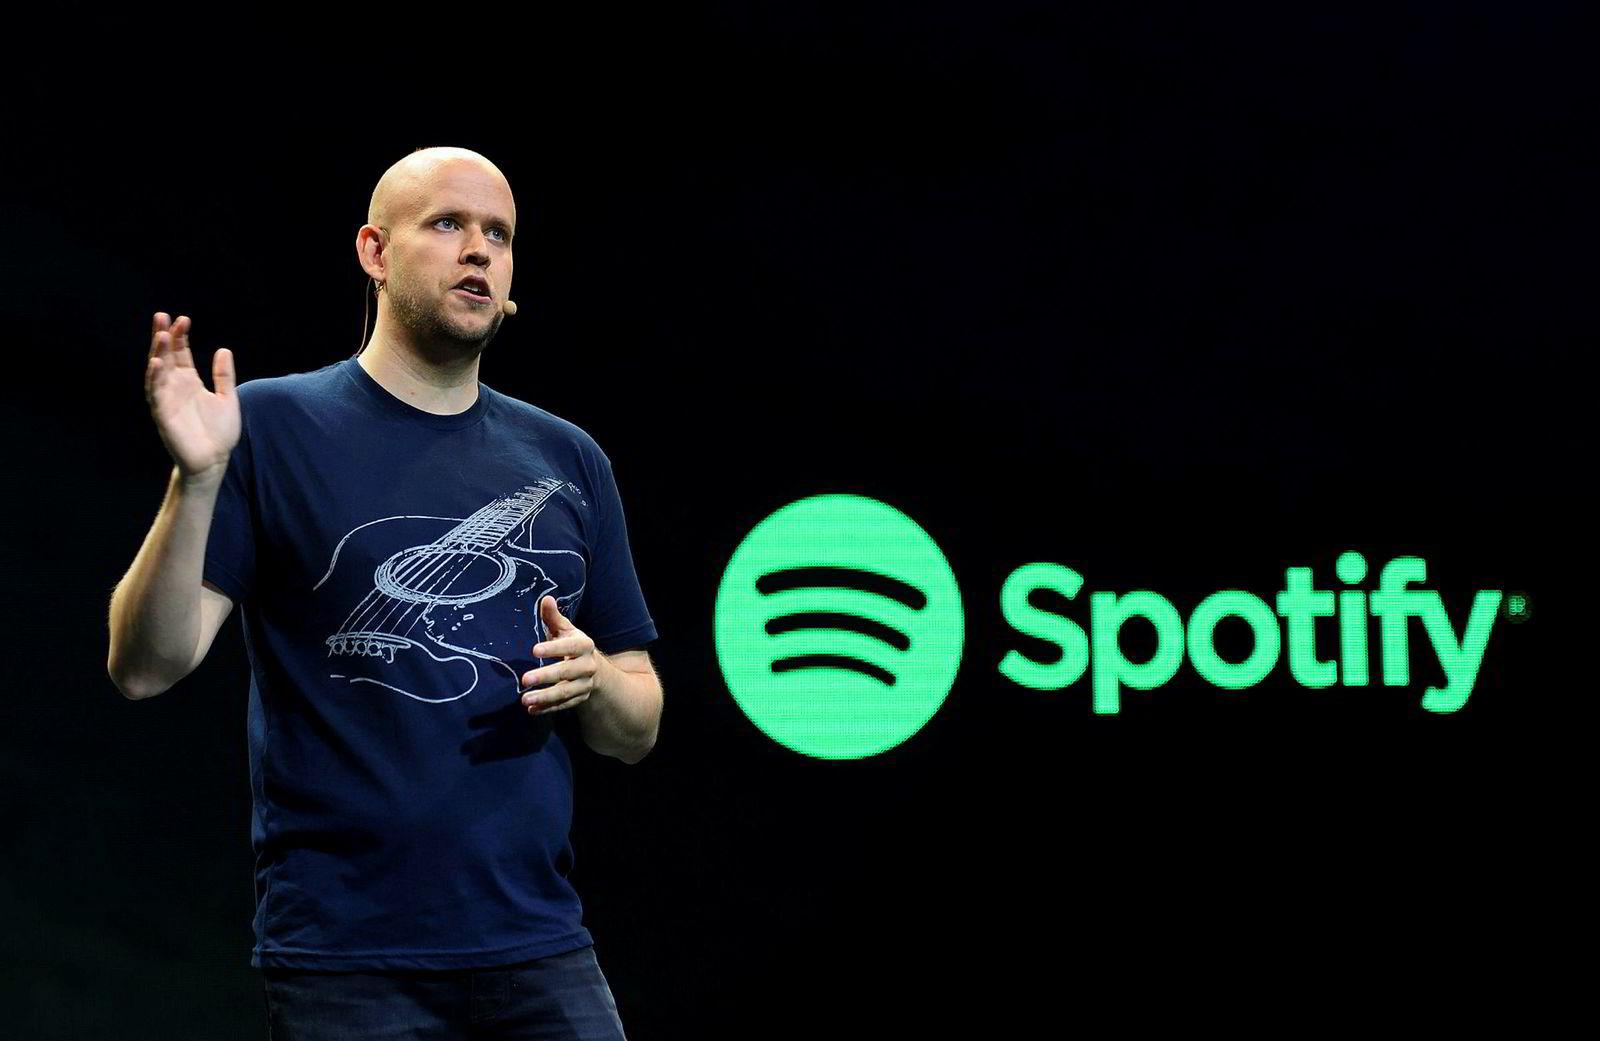 Gründer og toppsjef Daniel Ek i Spotify er steinrik etter børsnoteringen av Spotify.